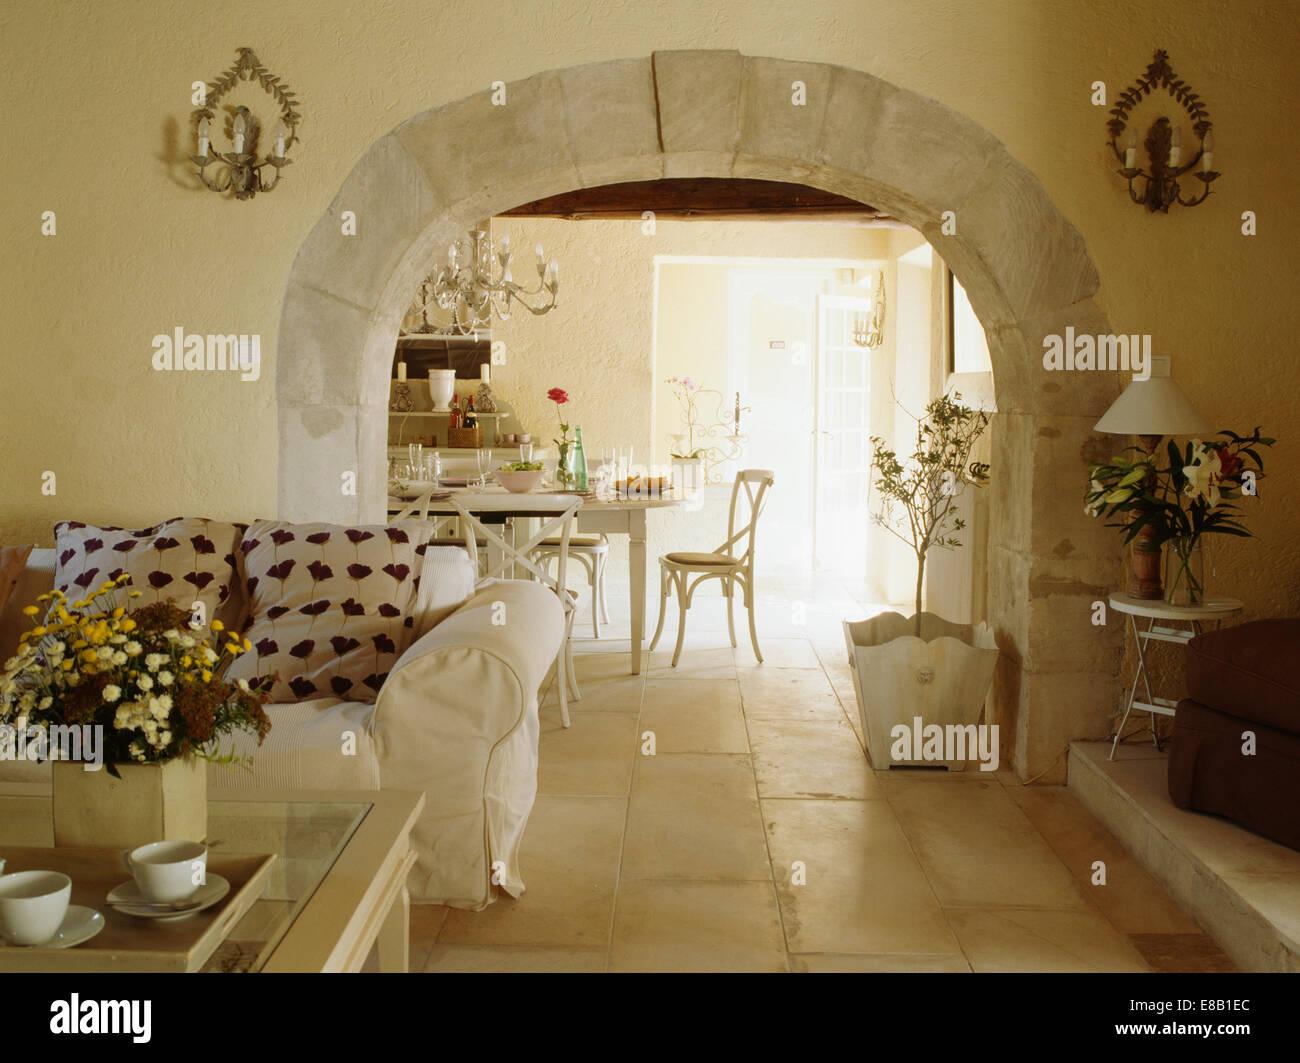 Pavimenti in pietra nel paese francese soggiorno con divano bianco ...